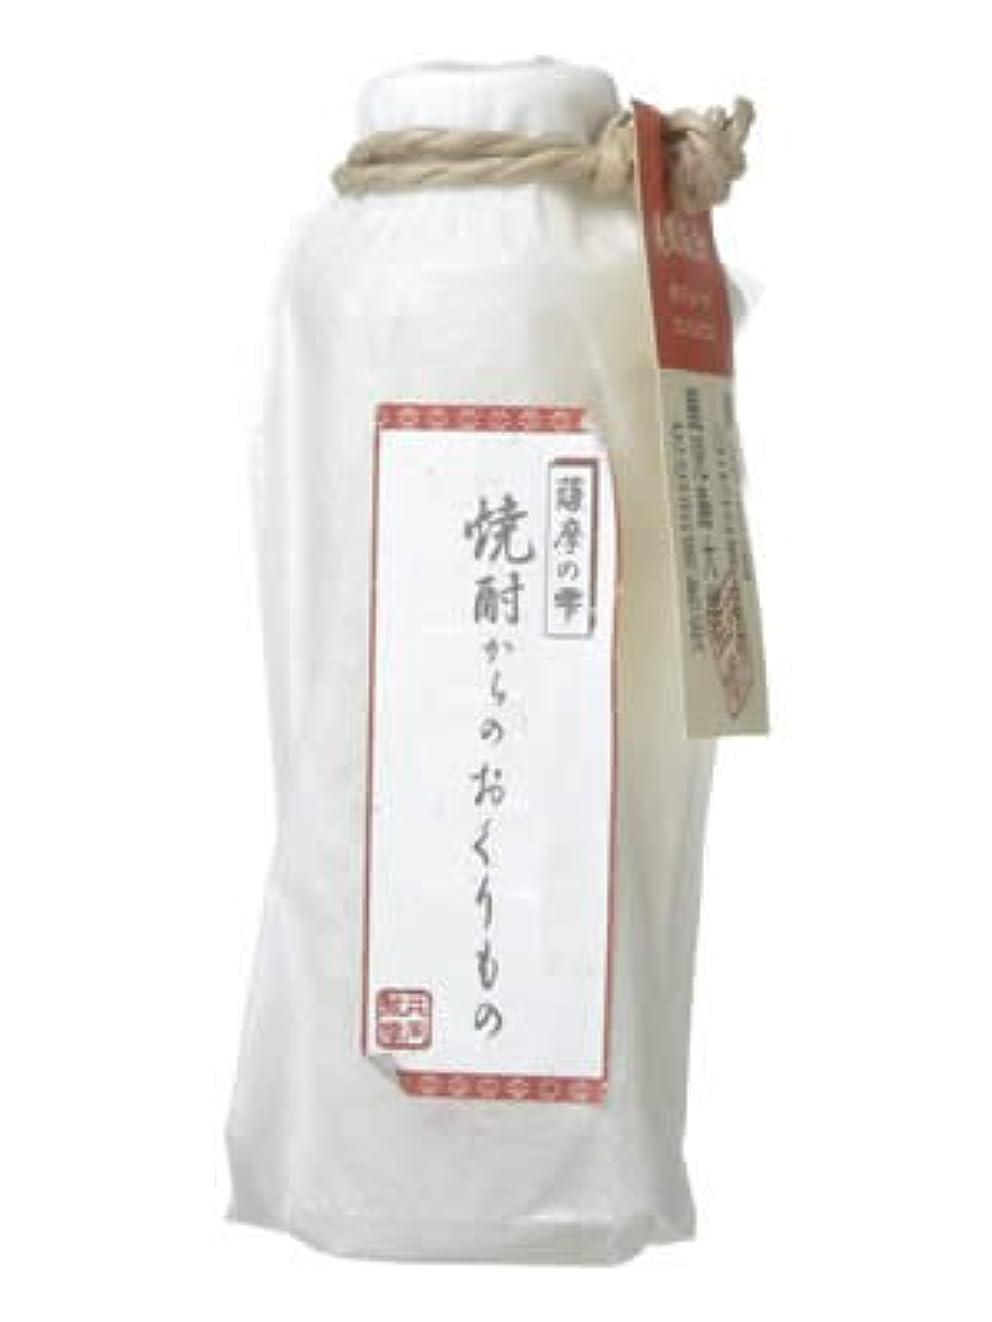 アクセスできない不良品発掘薩摩の雫 美容液(焼酎からのおくりもの) 200ml